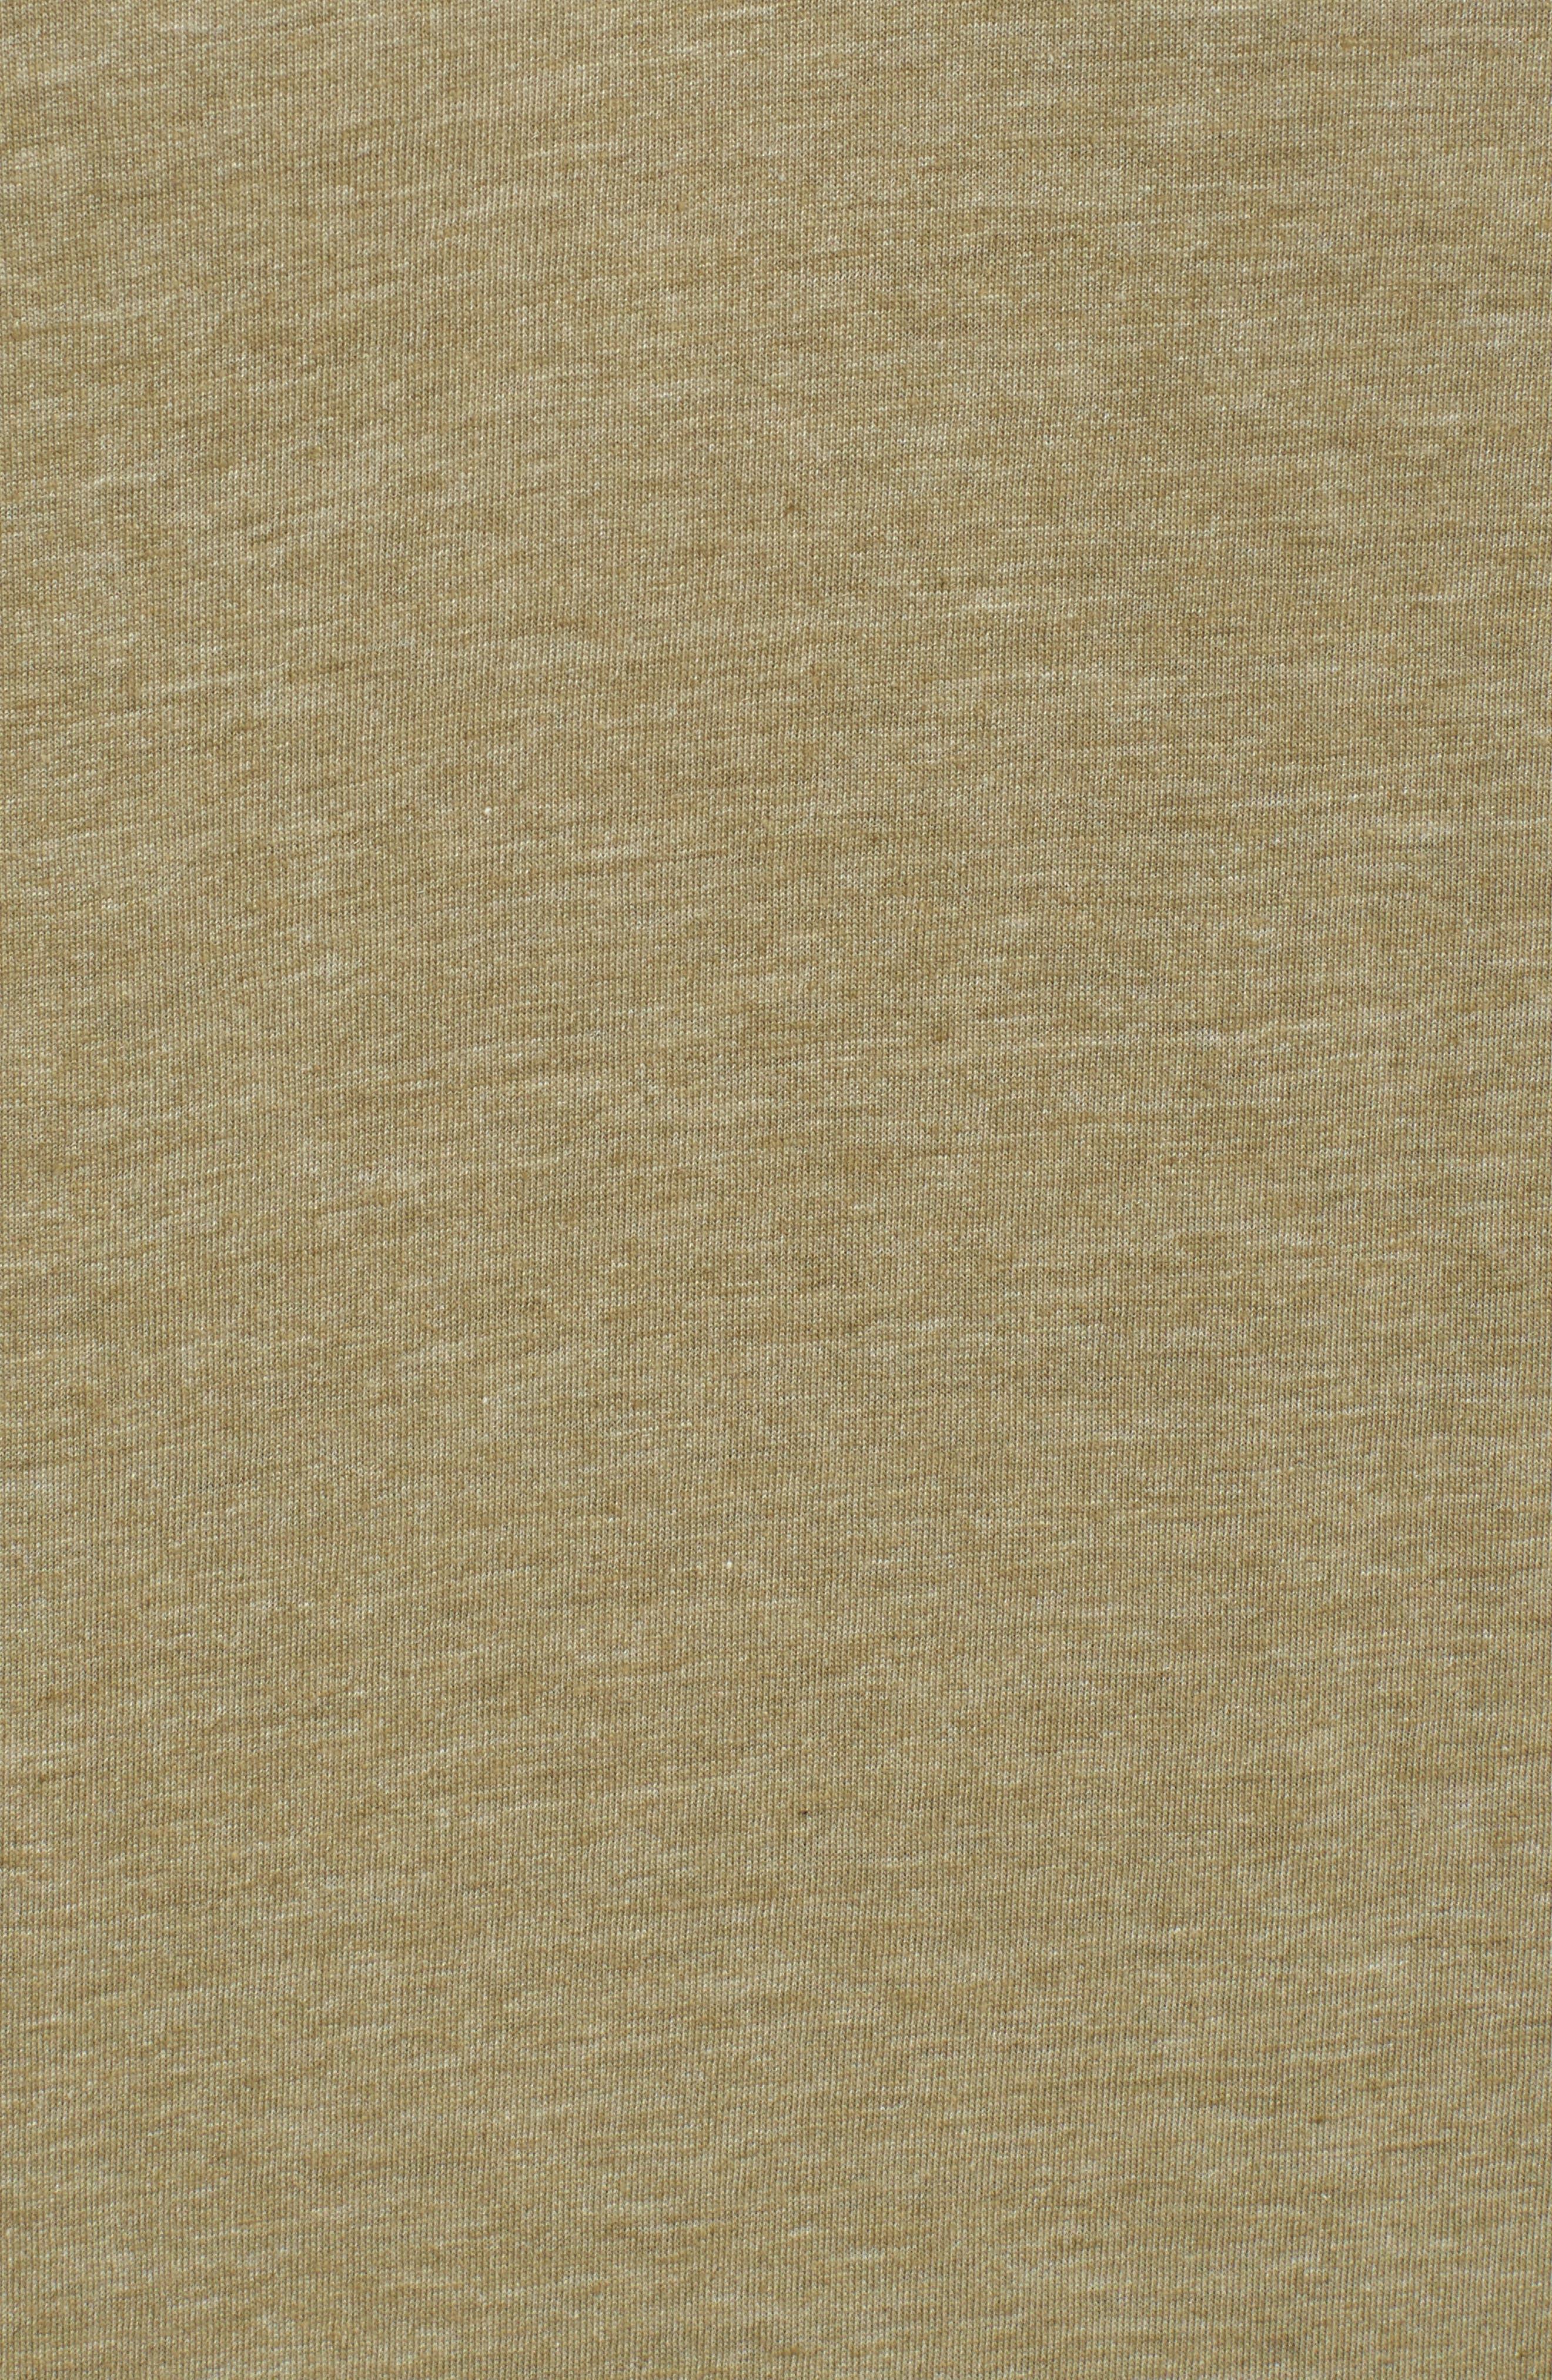 Alternate Image 5  - Goodlife Scallop Triblend V-Neck T-Shirt